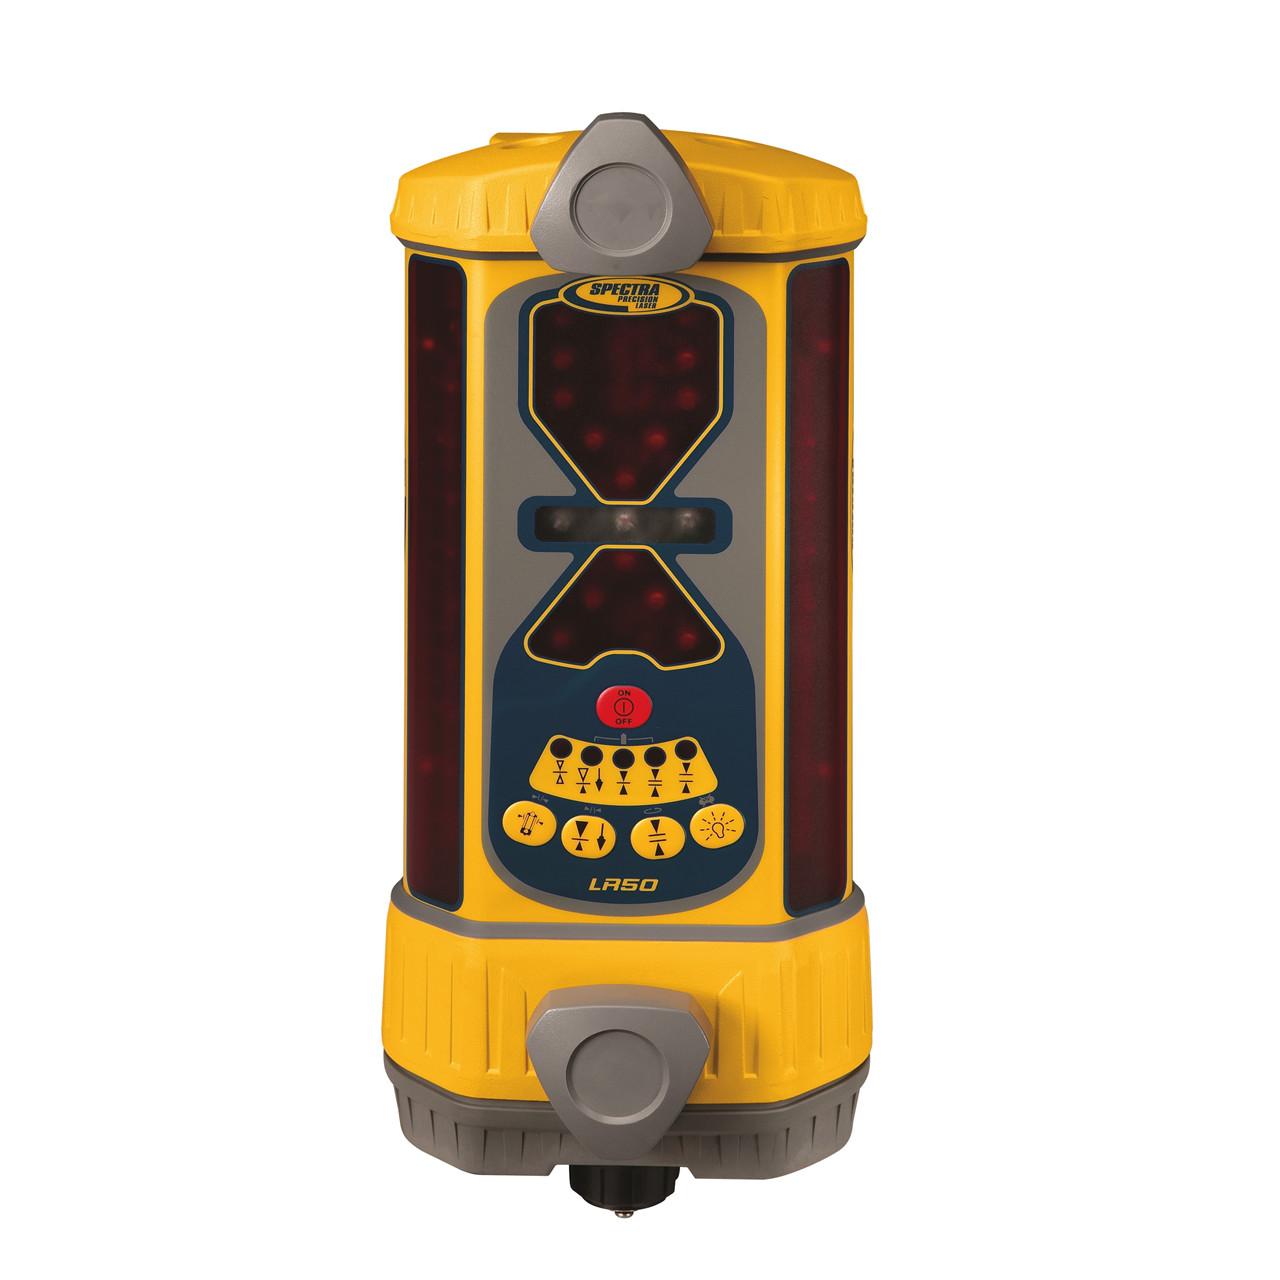 SPECTRA Maskinmodtager LR50 trådløs med display - Værktøj -> Laser og måleinstrumenter -> Laser -> Modtager|Værktøj -> Laser og måleinstrumenter -> Laser -> Maskinmodtager|Værktøj -> Laser og måleinstrumenter -> Laser|Værktøj -> Laser og måleinstrumenter|Mærker -> Spectra -&